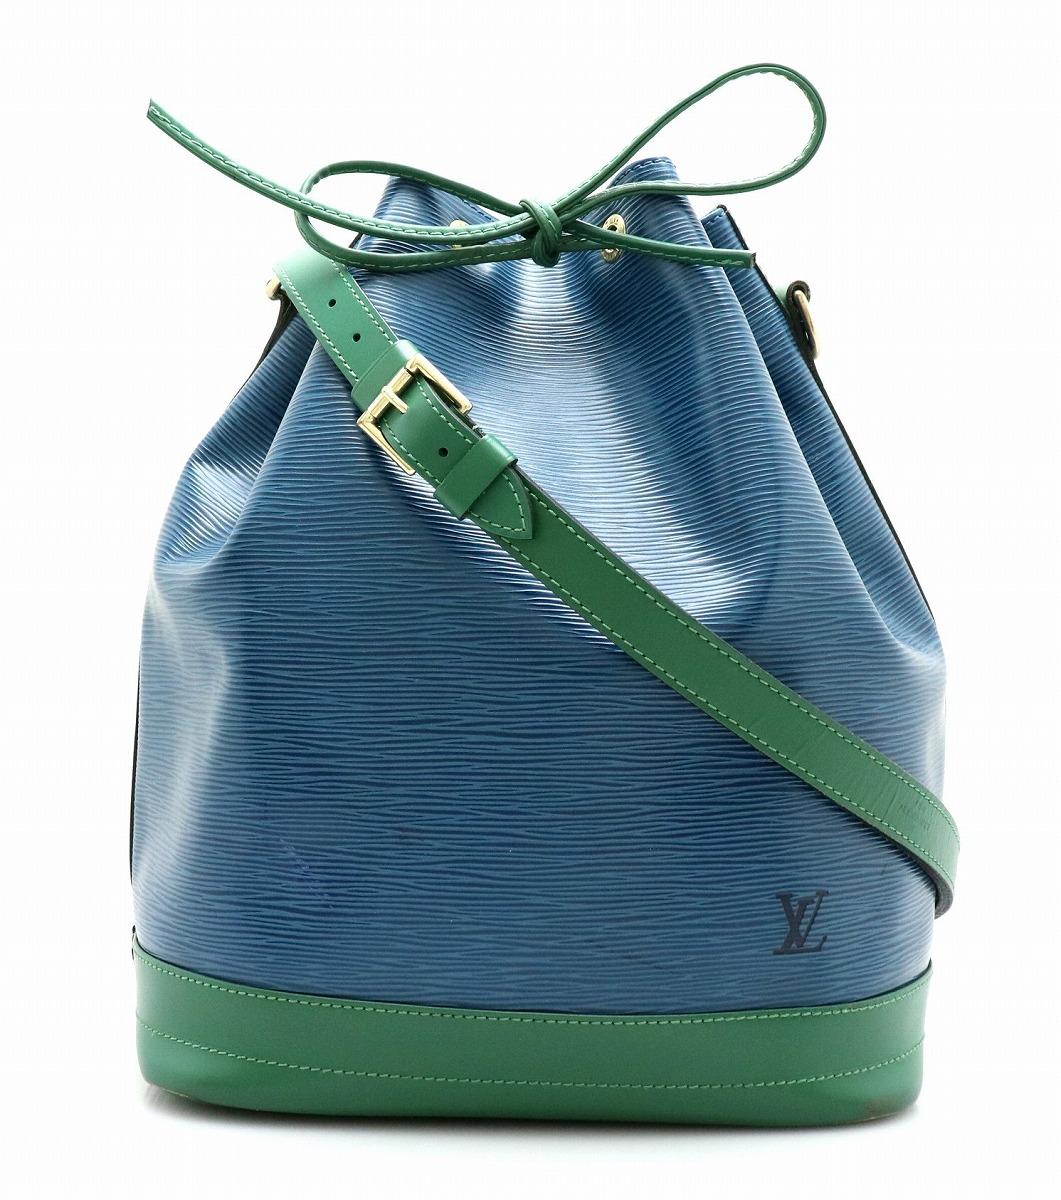 【バッグ】LOUIS VUITTON ルイ ヴィトン エピ バイカラー ノエ 巾着型 ショルダーバッグ ワンショルダー レザー トレドブルー ボルネオグリーン 青 緑 M44044 【中古】【k】